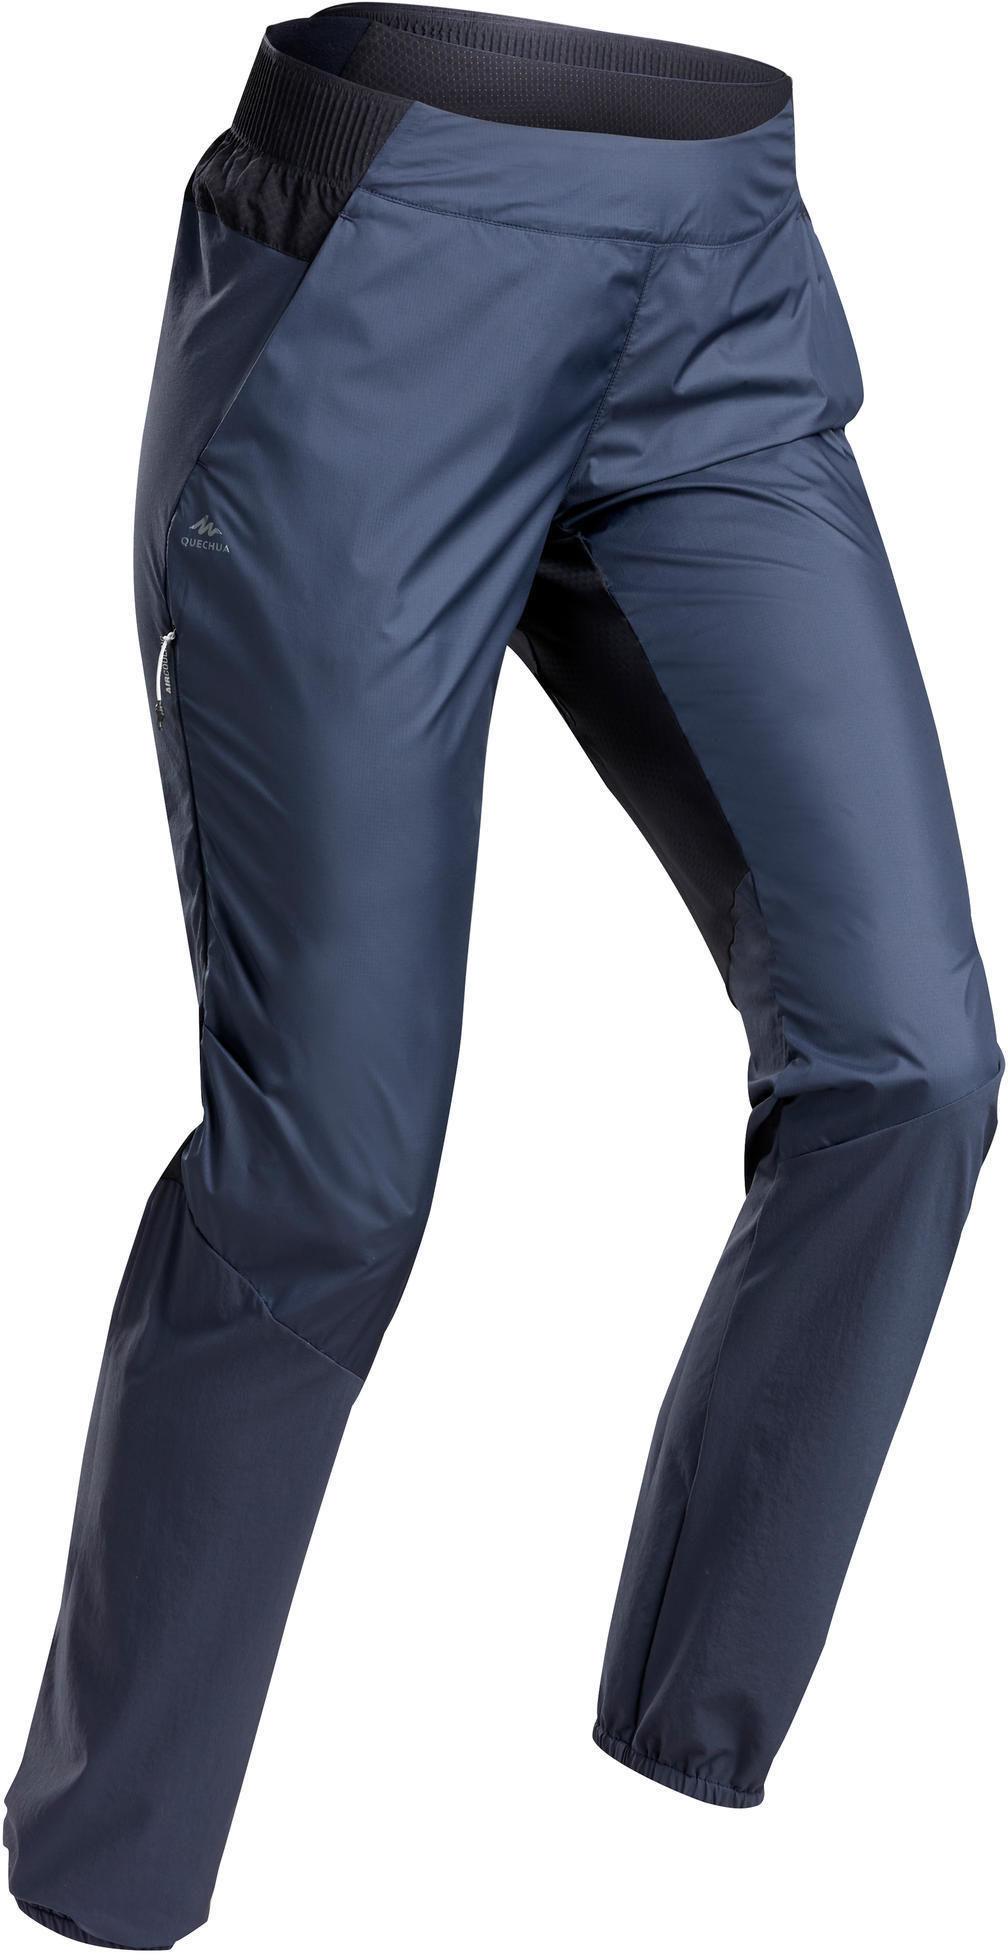 Spodnie turystyczne damskie Quechua FH500